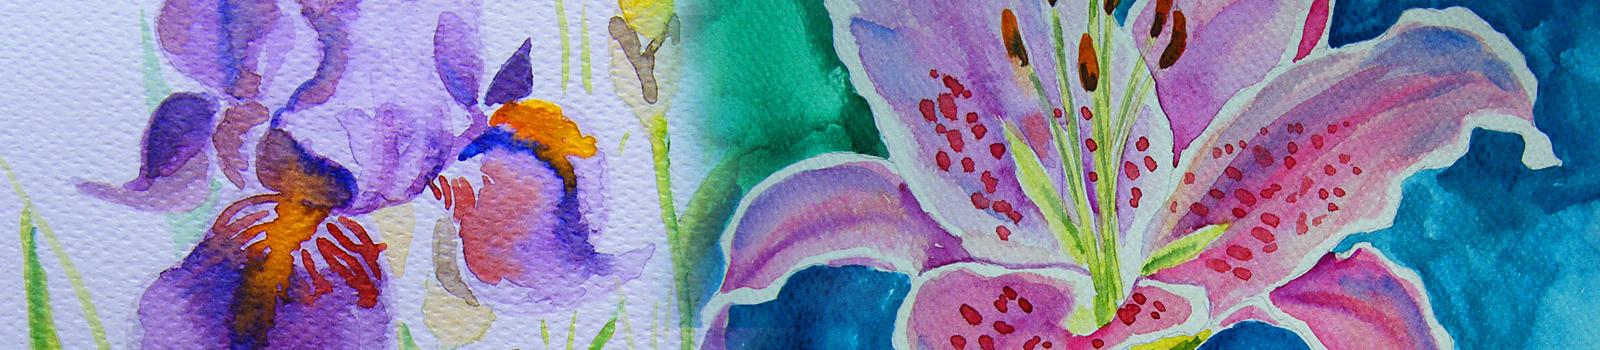 akwarela kwiaty małgorzata jaskłowska